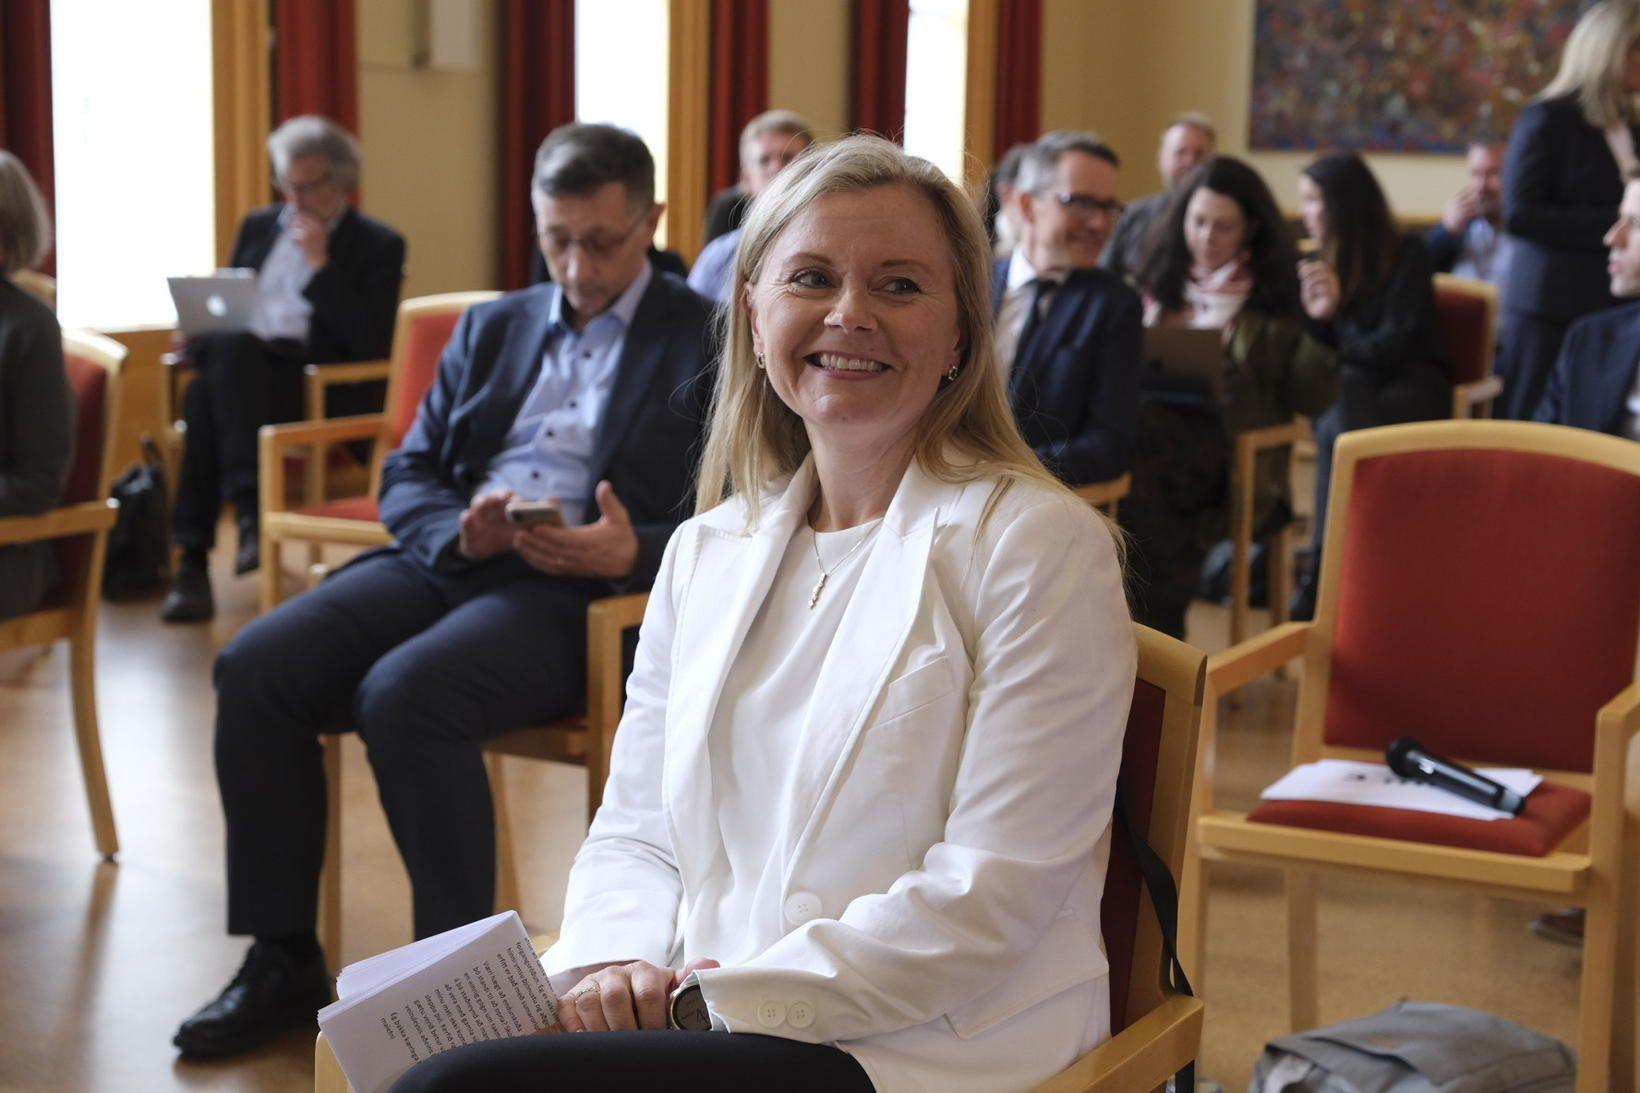 Bryndís Sigurðardóttir smitsjúkdómalæknir flutti erindi á málþingi í Háskóli Íslands …